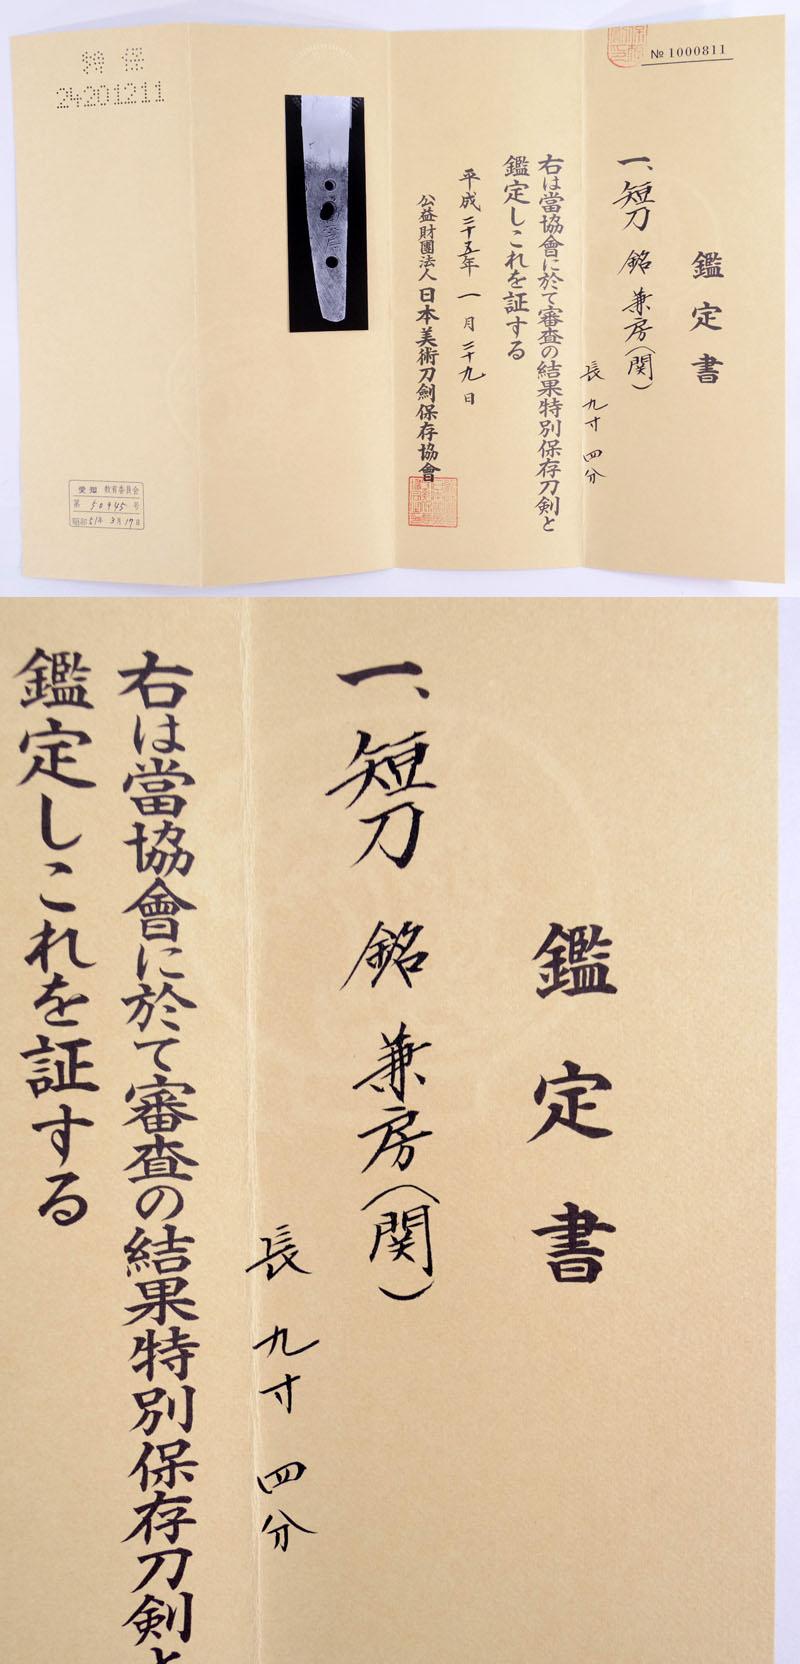 兼房(関) Picture of Certificate